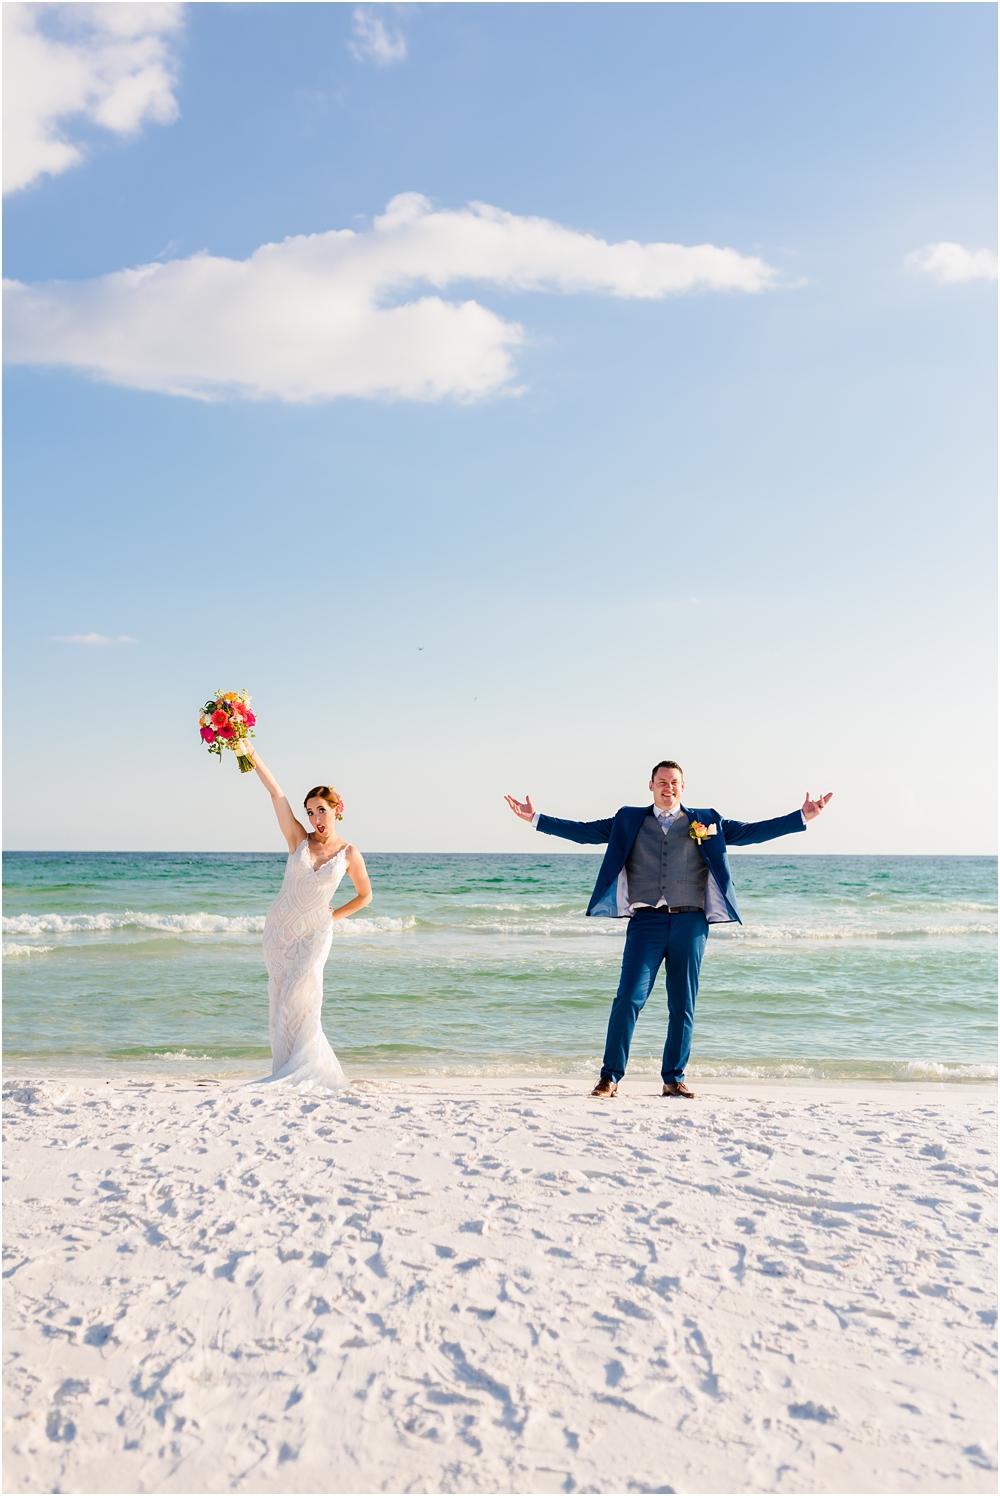 destin-sunquest-cruise-wedding-kiersten-stevenson-photography-84.jpg